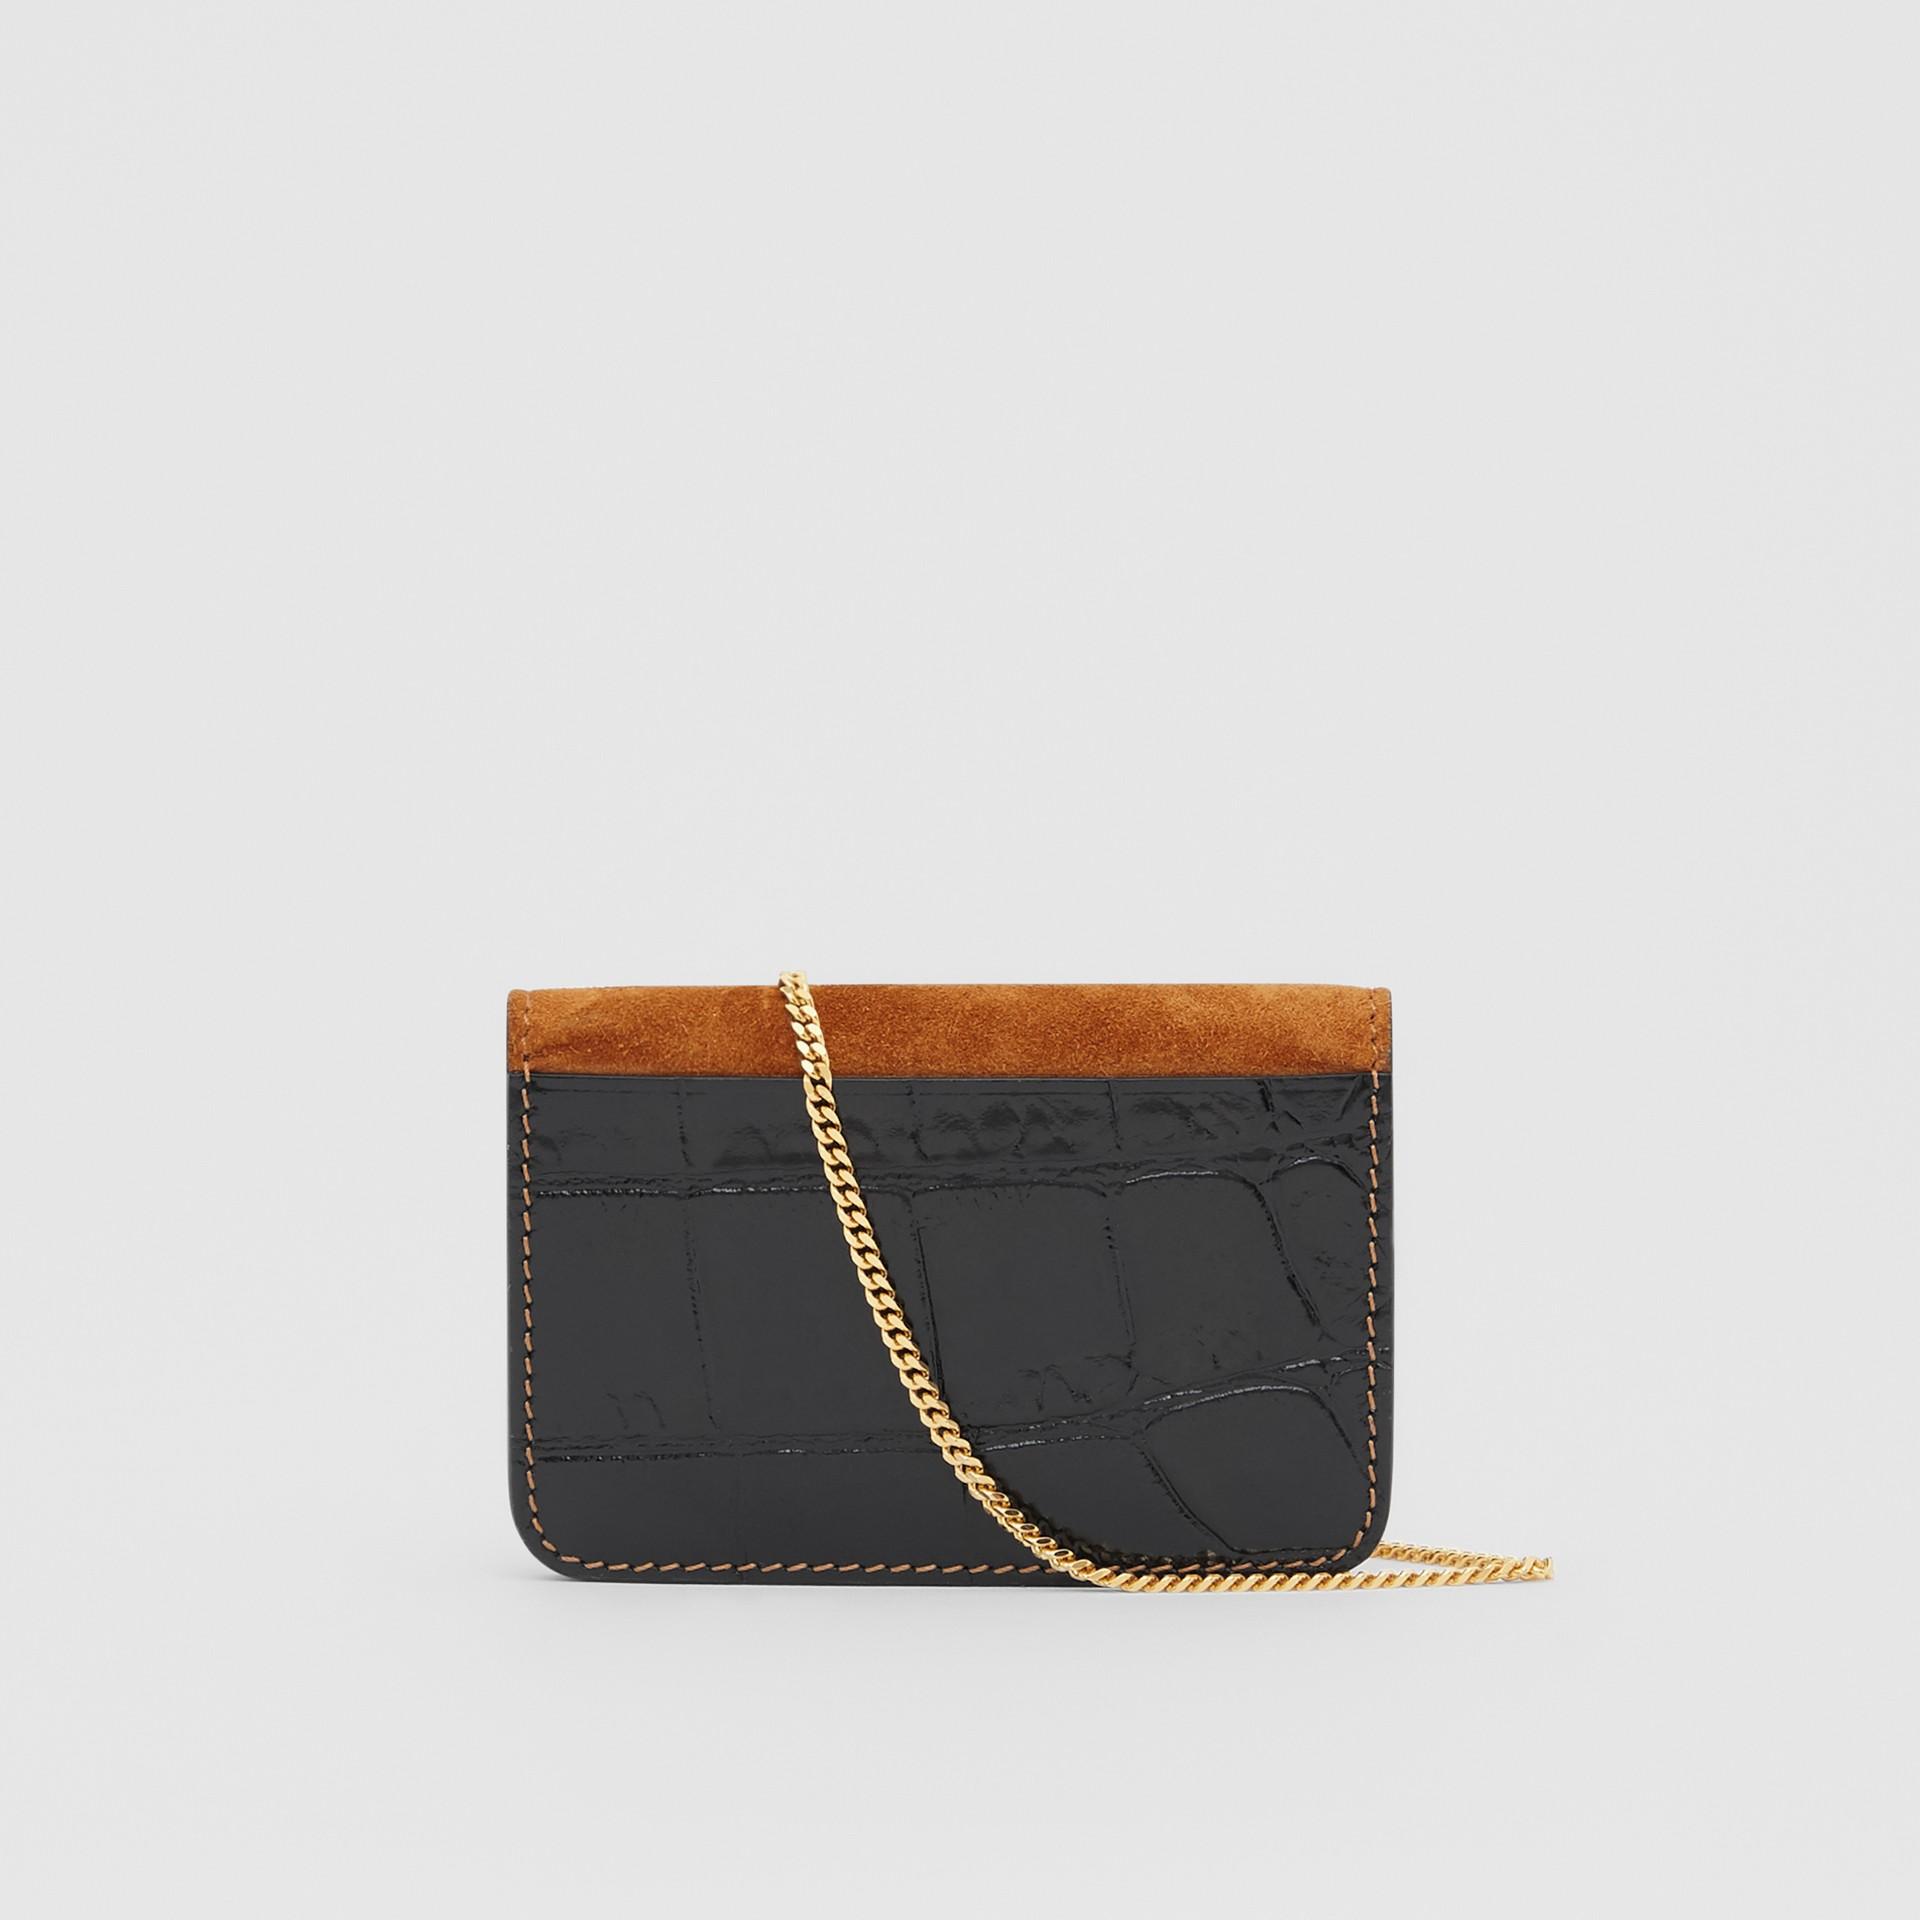 Porta-cartões de couro e camurça com alça removível (Branco/bordo/preto) - Mulheres | Burberry - galeria de imagens 5